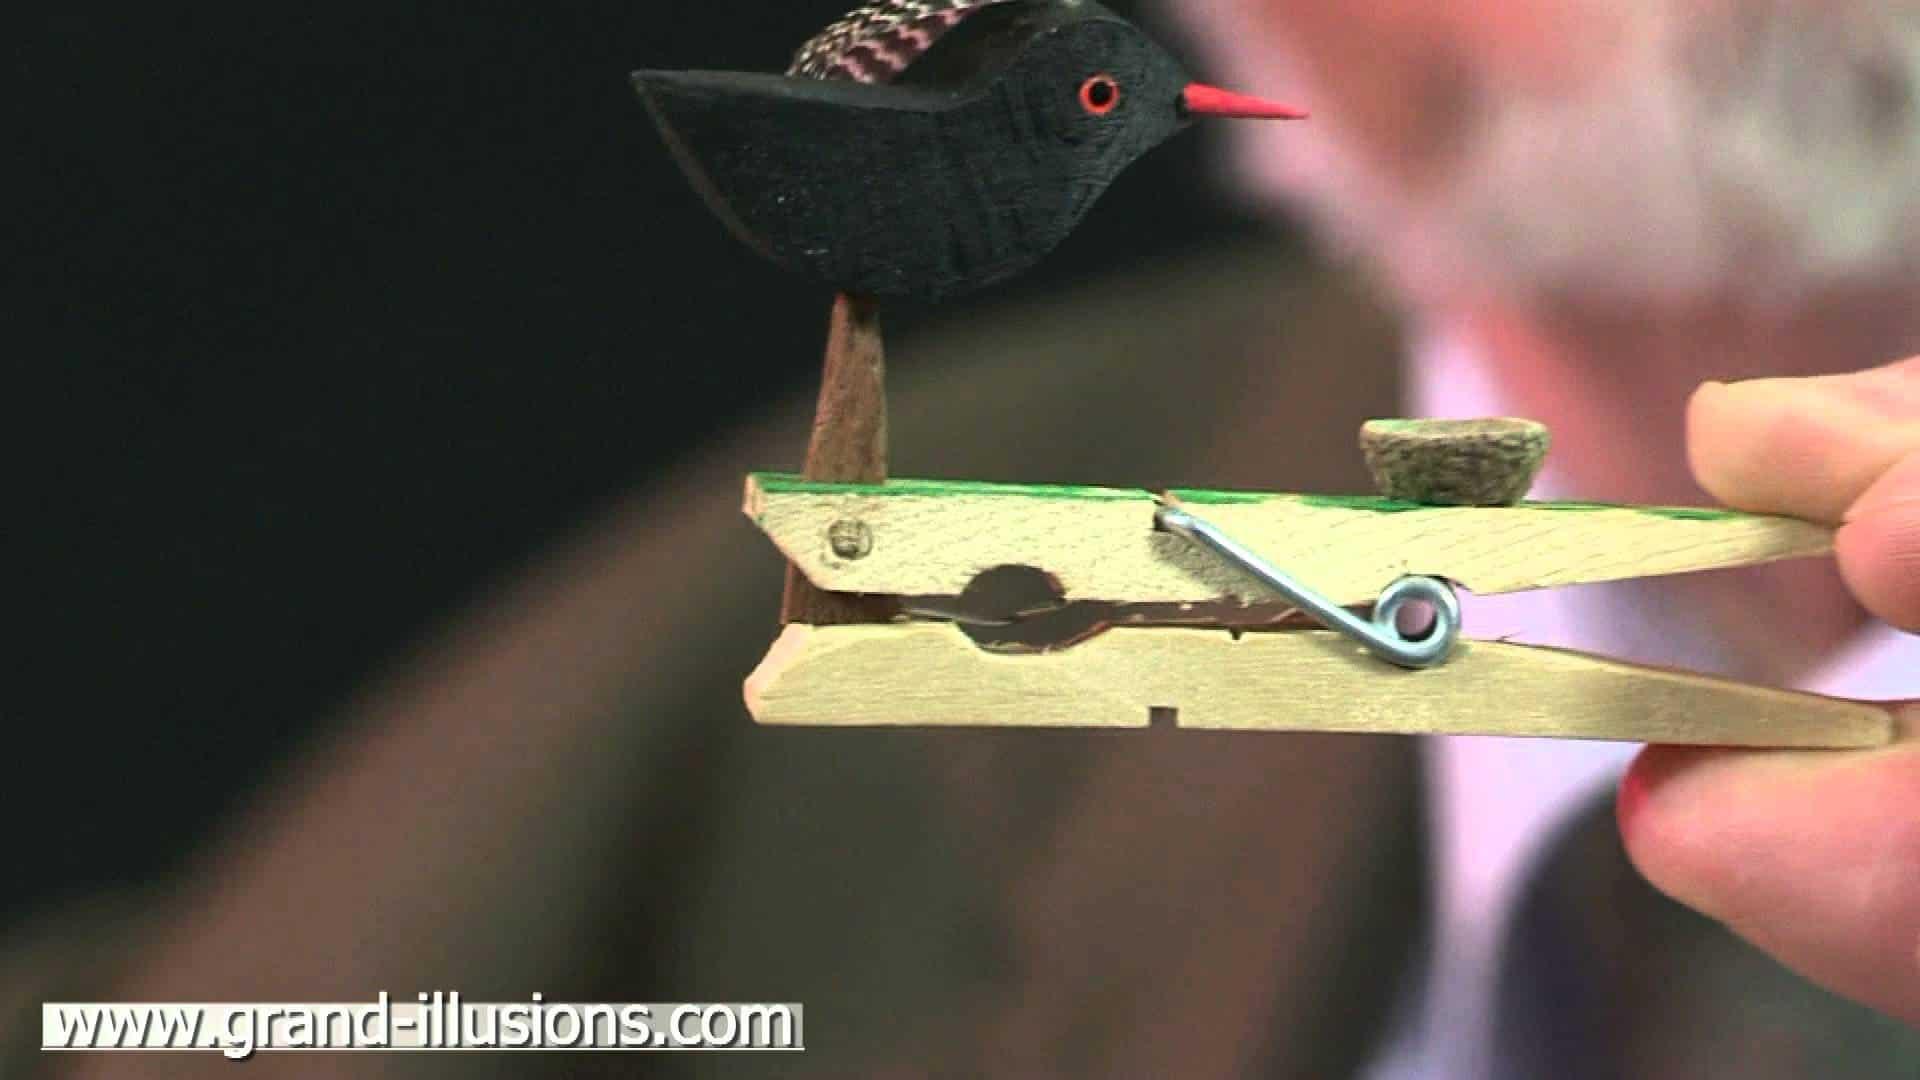 DIY pecking bird toy